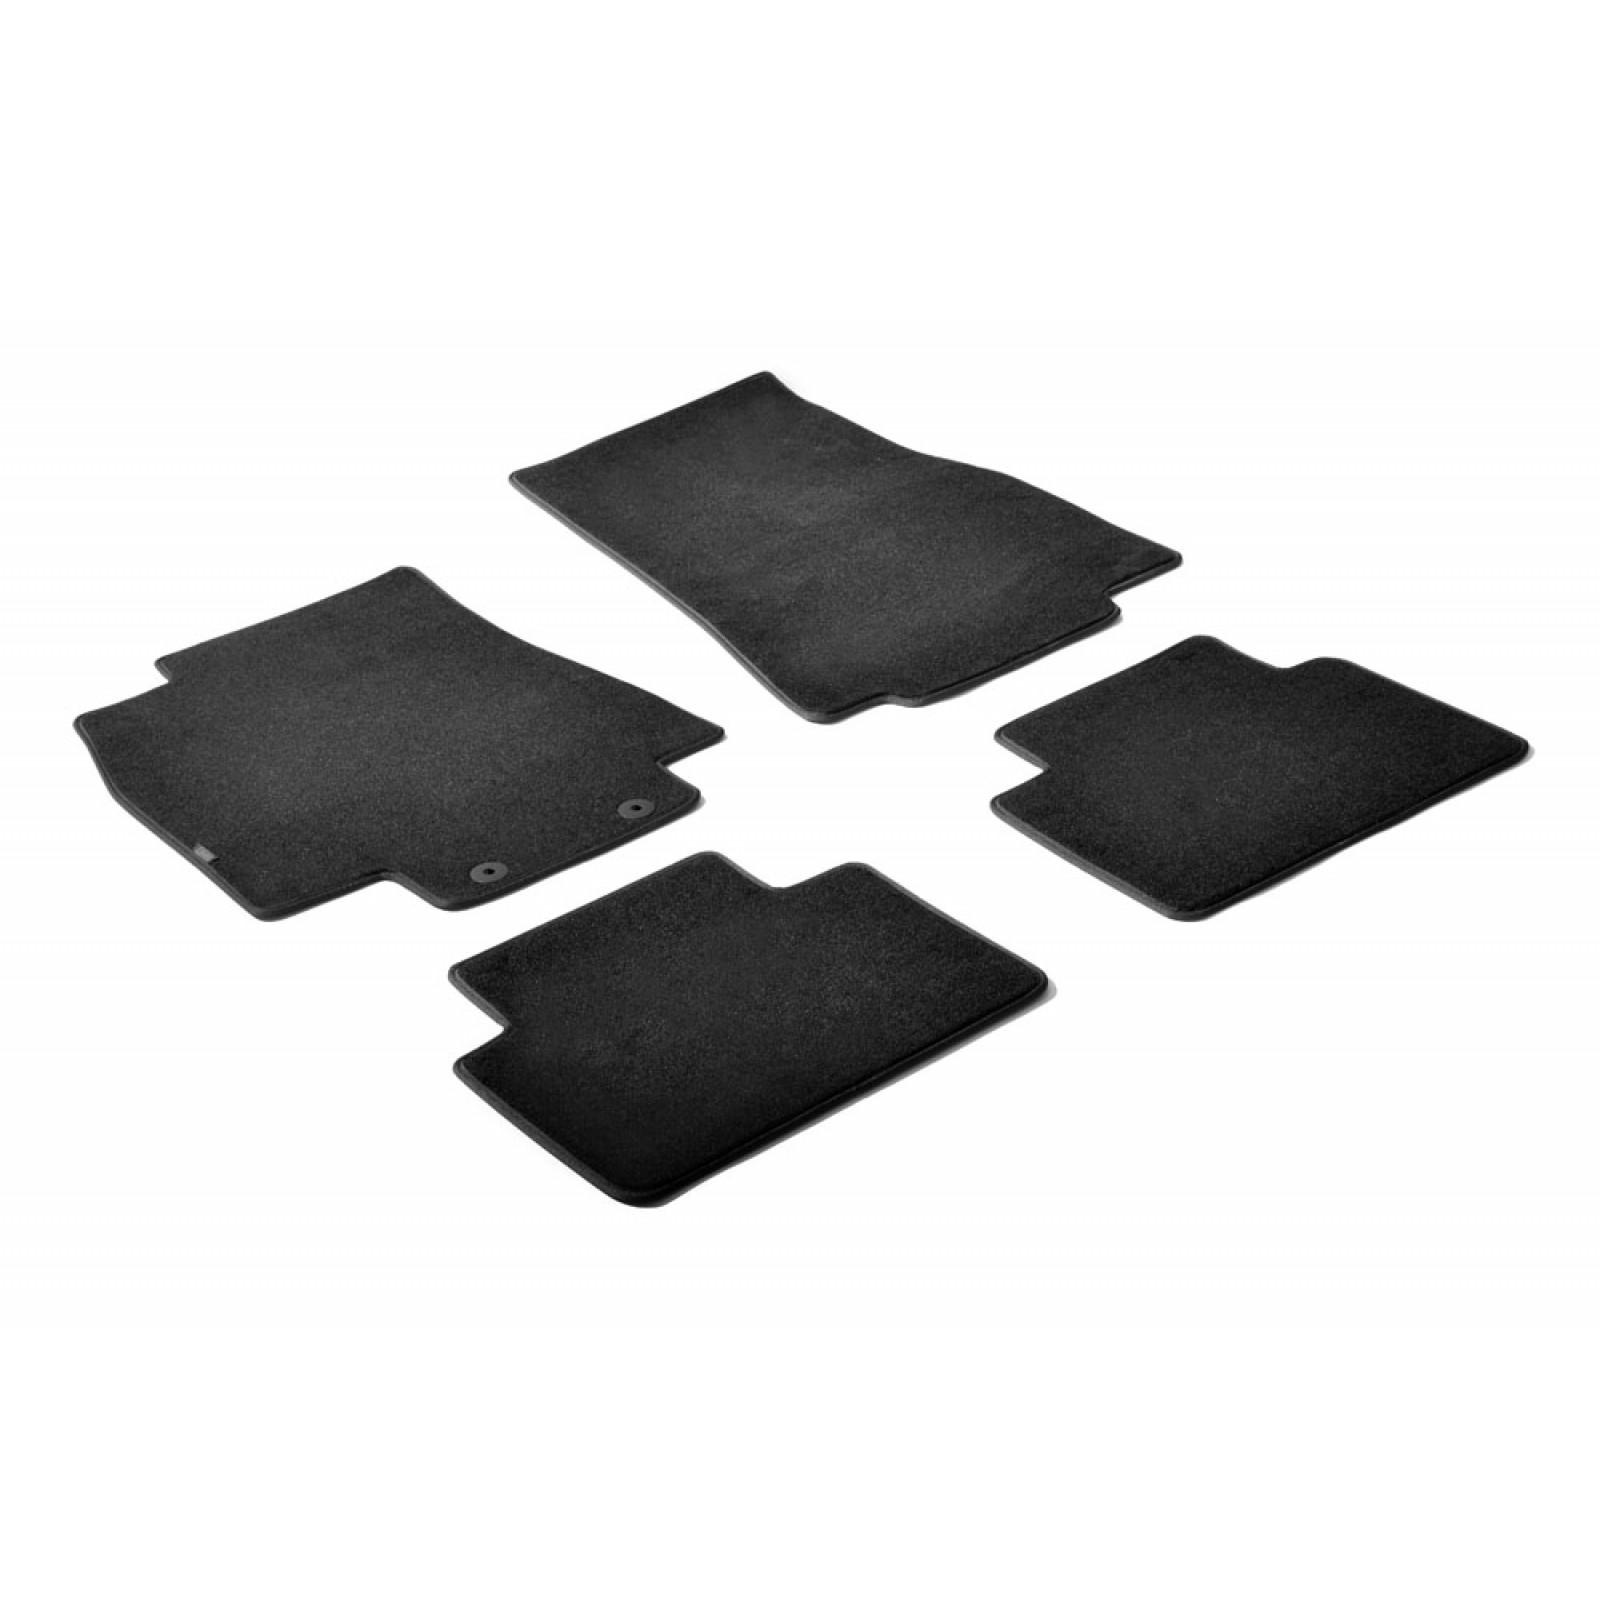 tapis en textile pour mercedes classe a w169. Black Bedroom Furniture Sets. Home Design Ideas